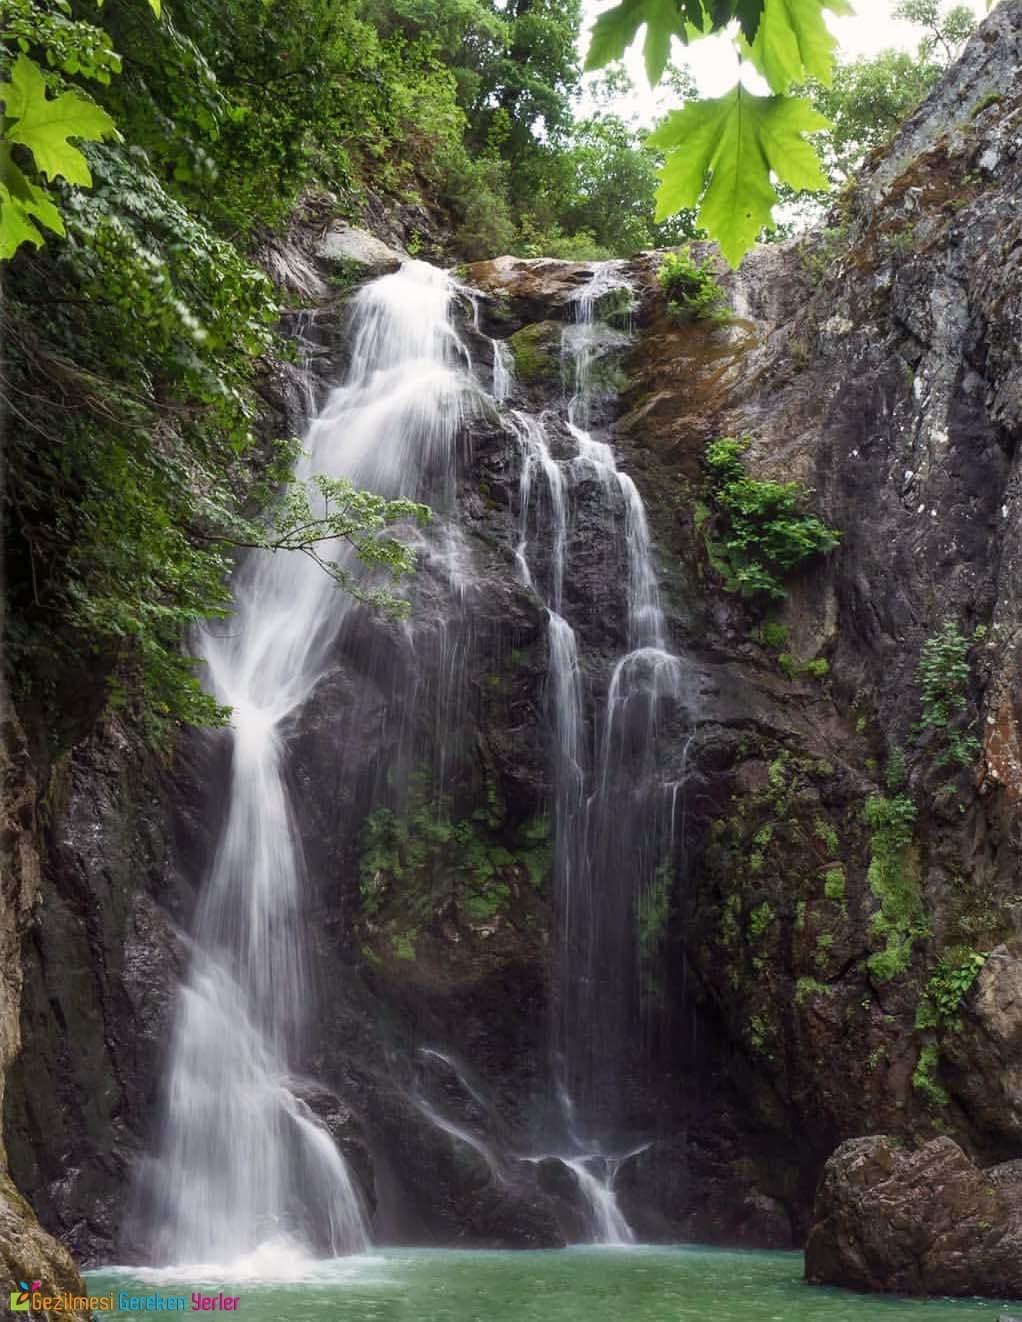 Sudüşen Şelalesi - Bursa